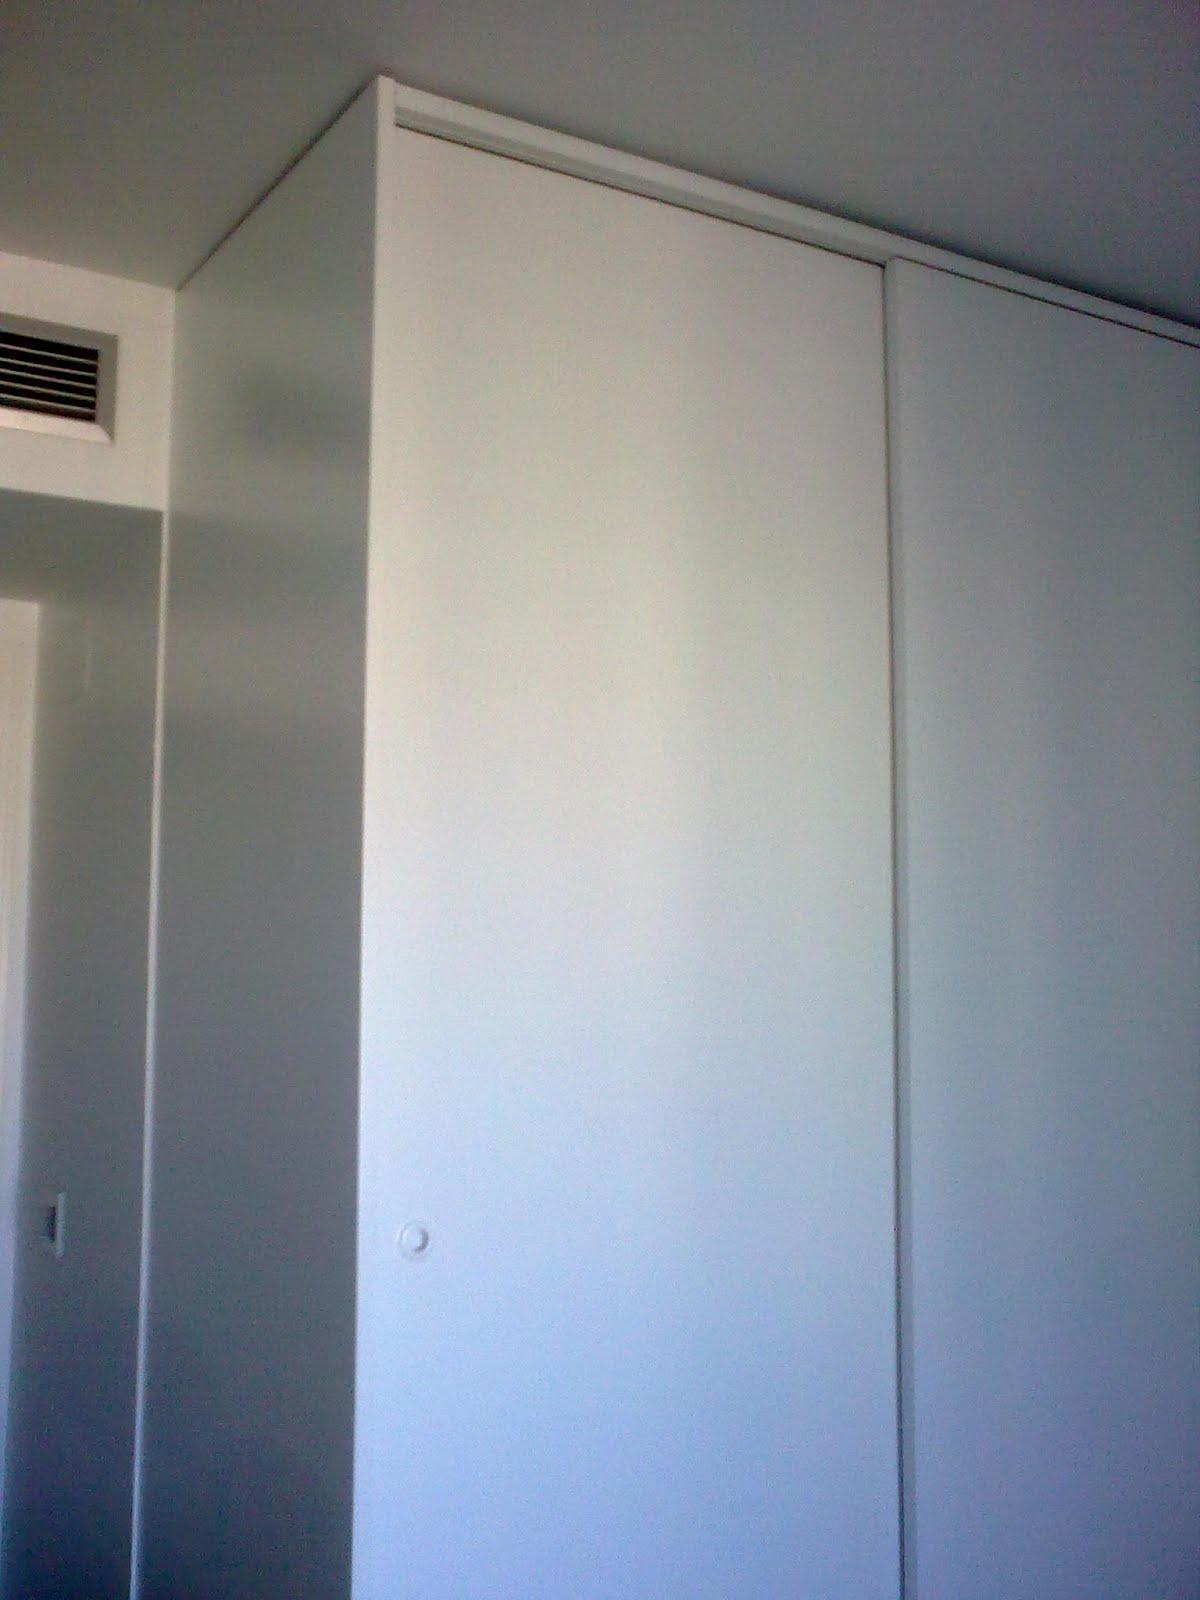 Armario de puertas correderas para dormitorio muebles - Mueble puertas correderas ...